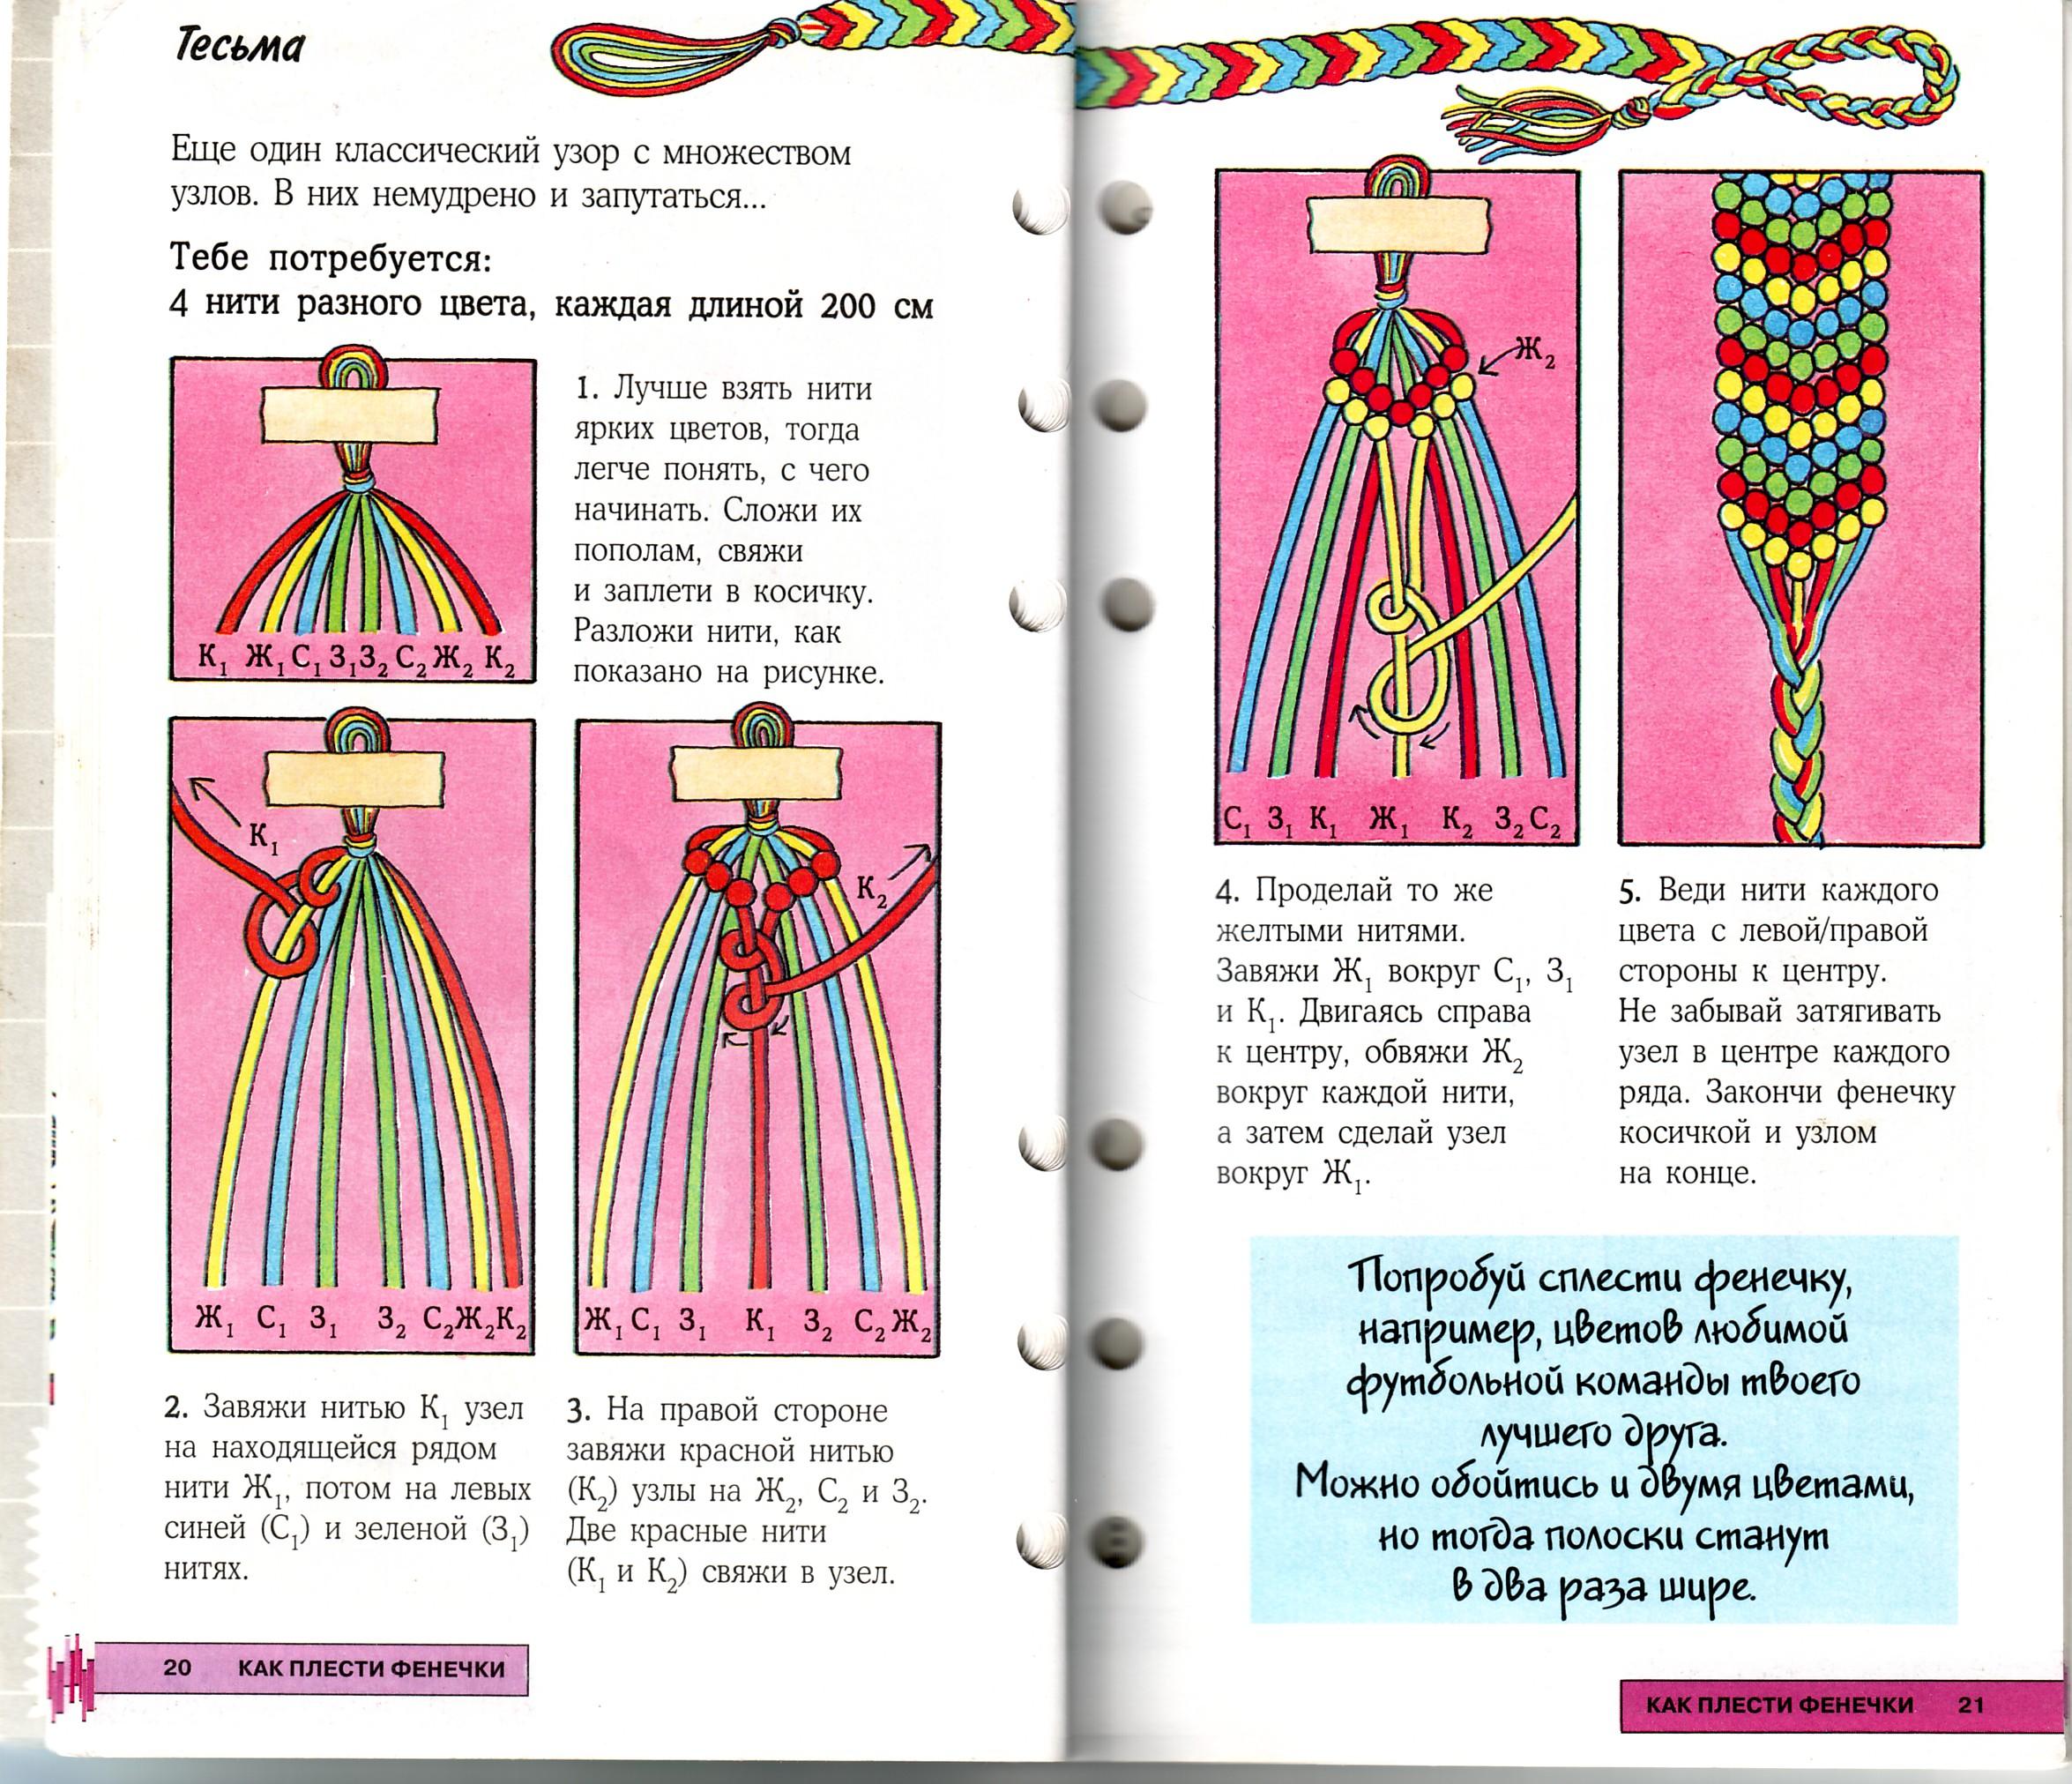 Как плести фенечки из ниток мулине Крестик Схемы для плетения фенечек